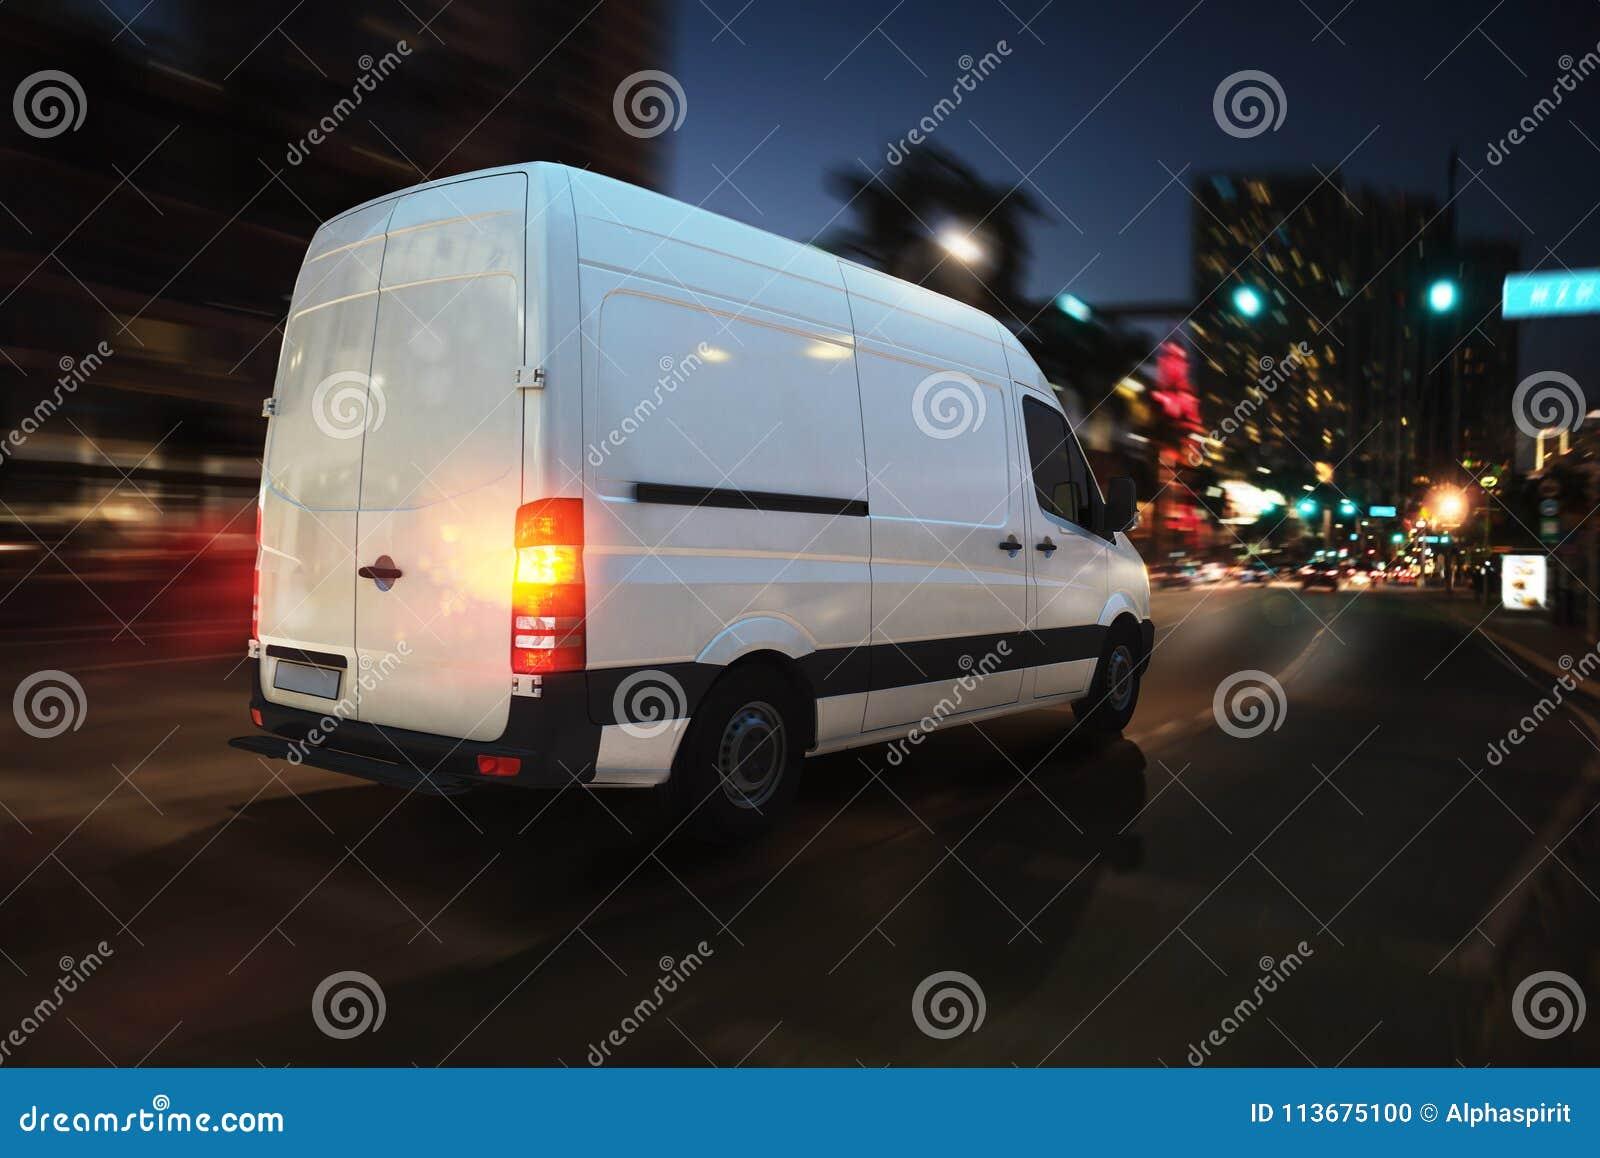 Furgoneta rápida en un camino de ciudad que entrega en la noche representación 3d